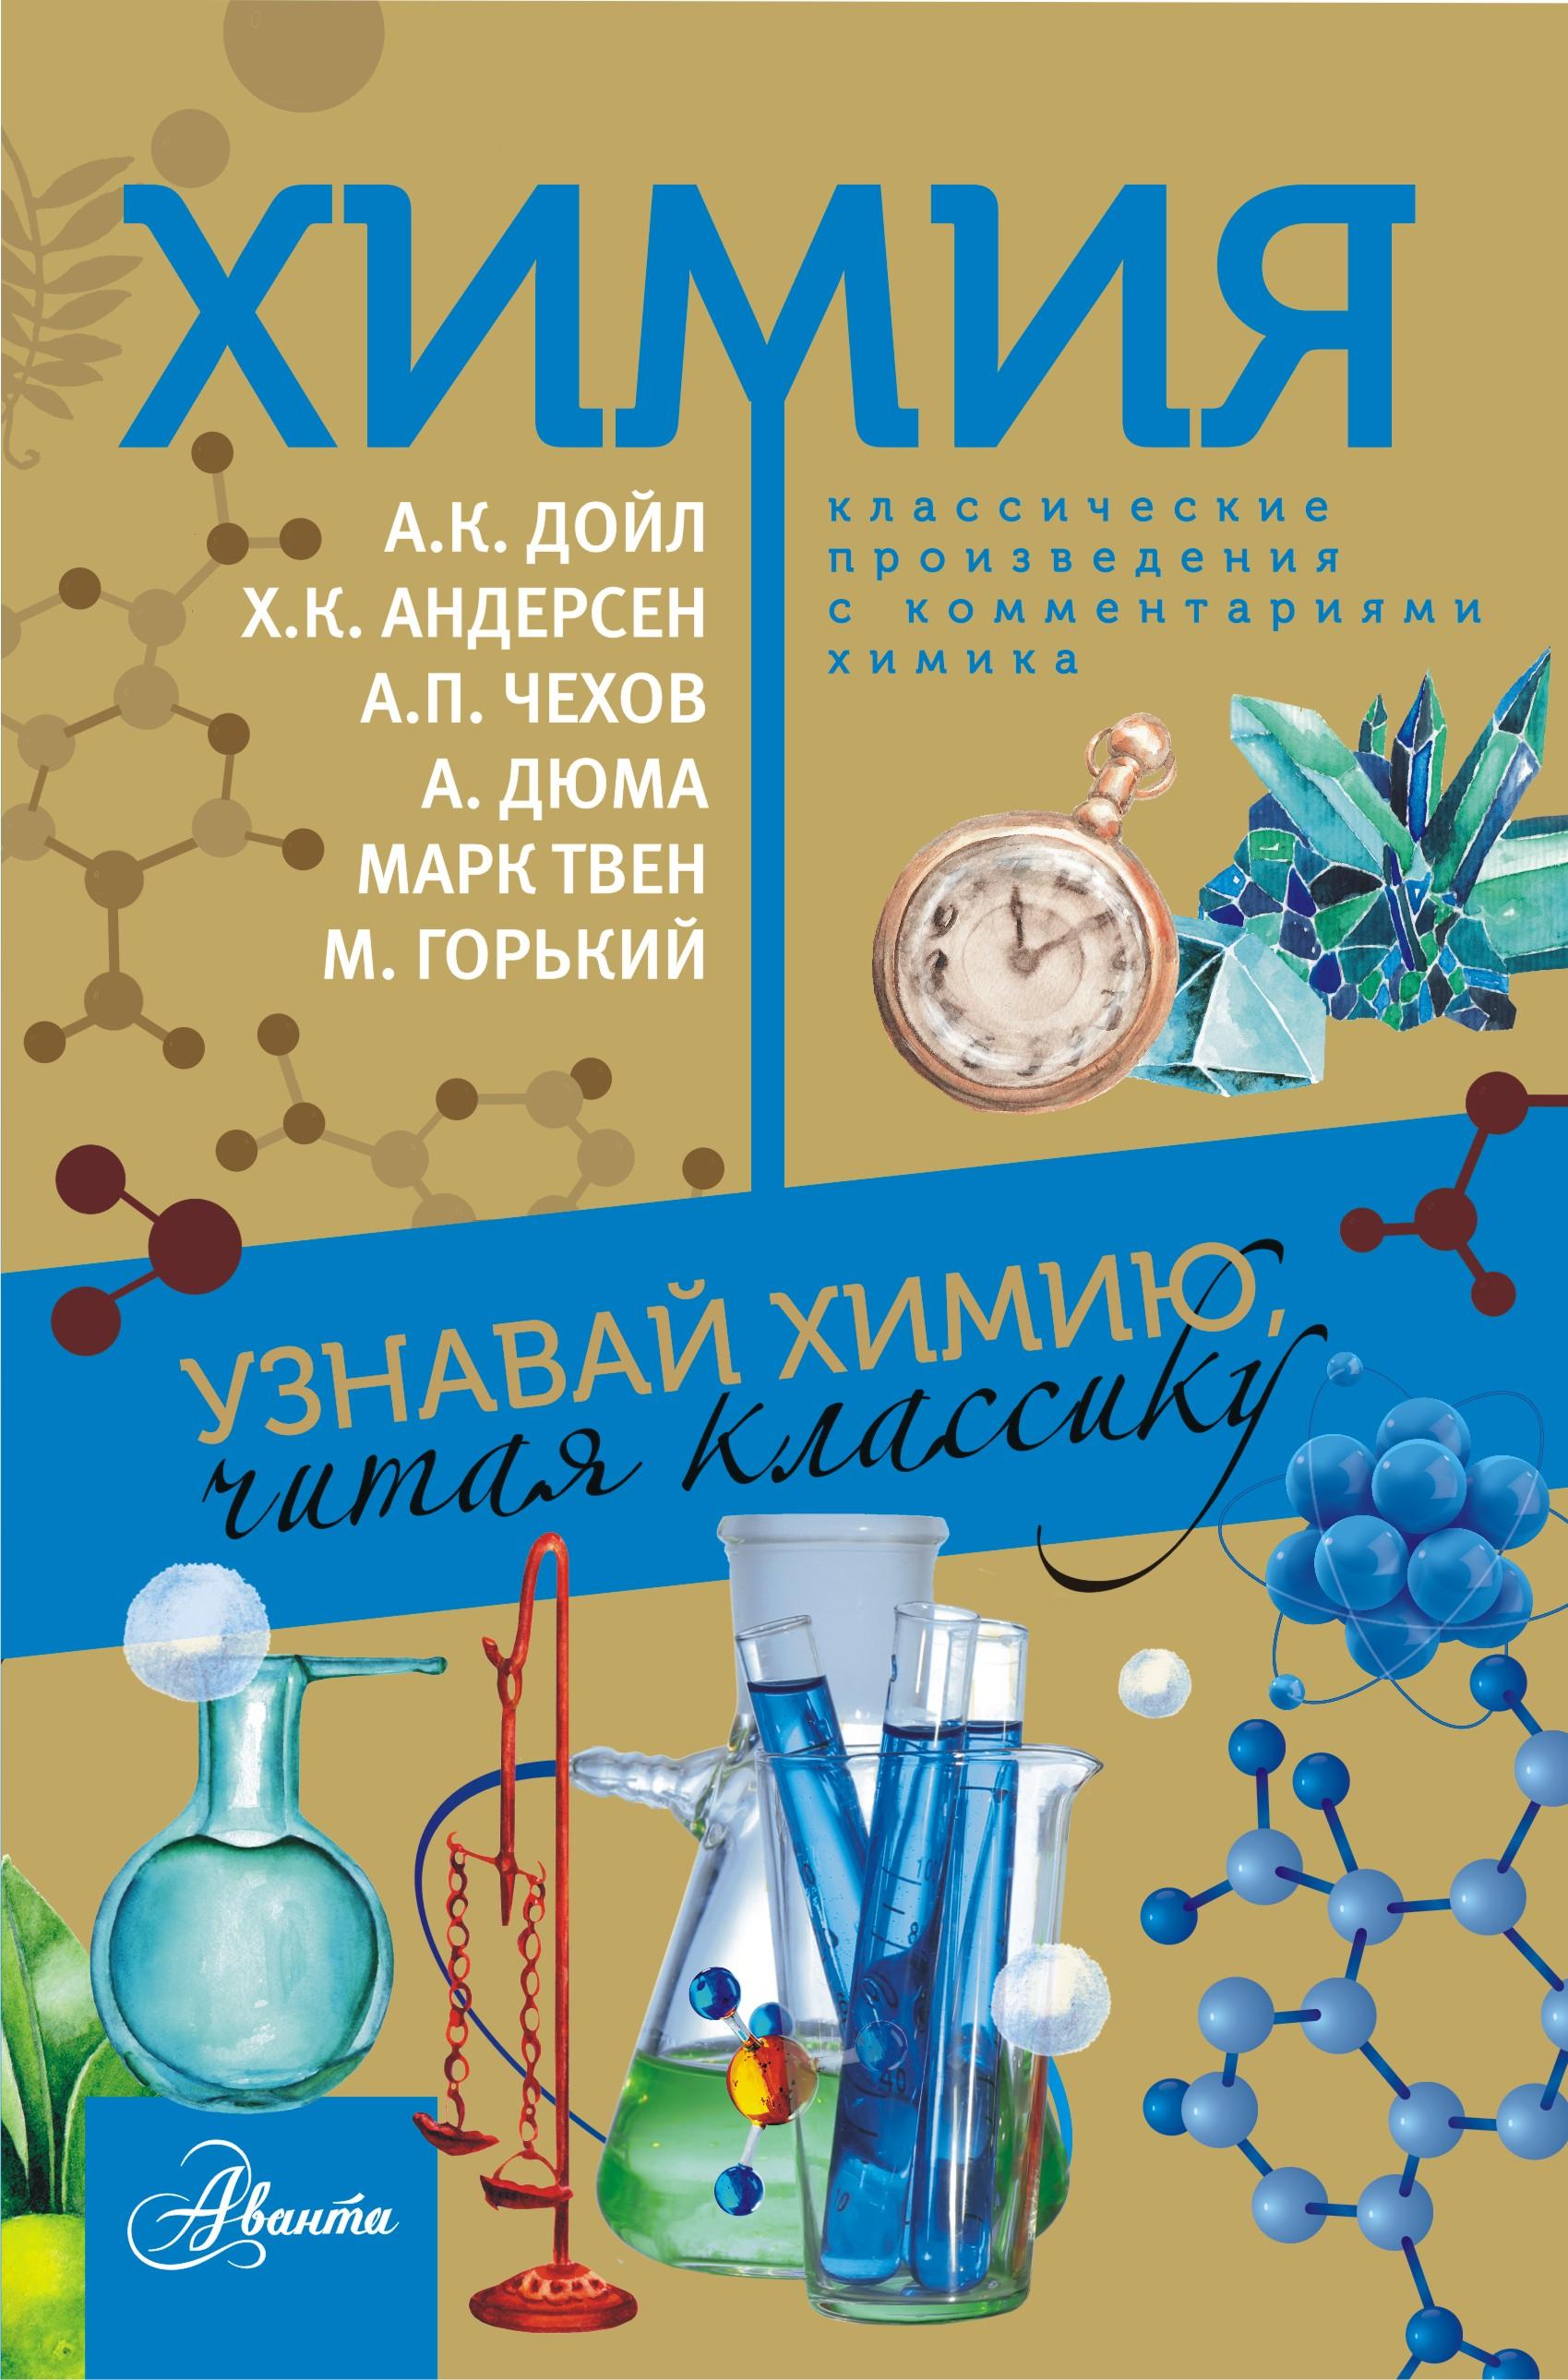 Сборник Химия. Узнавай химию, читая классику. С комментарием химика стрельникова е химия узнавай химию читая классику